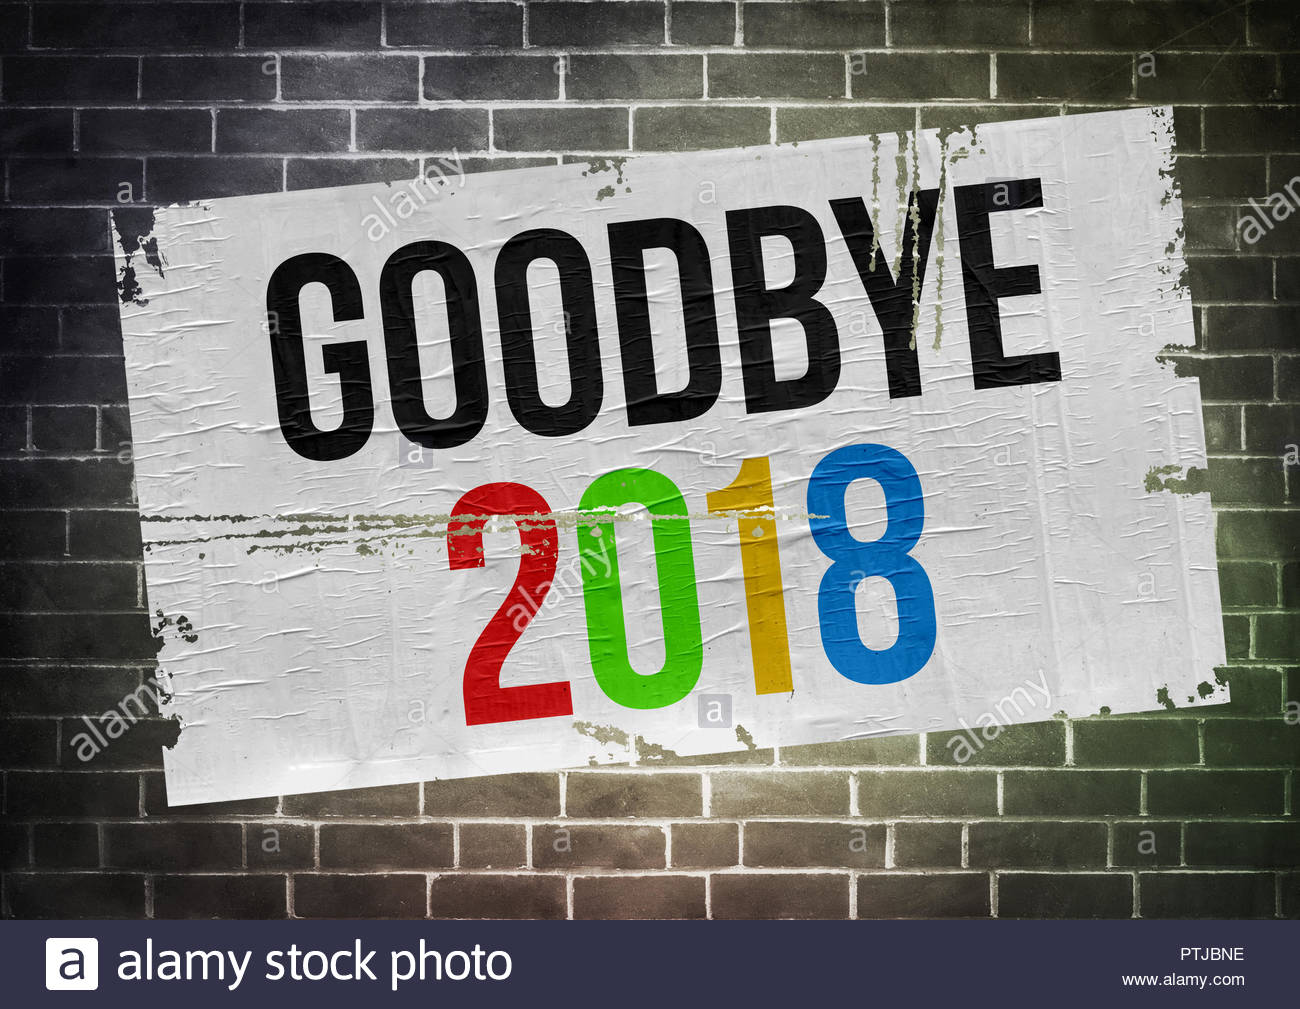 Goodbye to 2018 - Stock Image